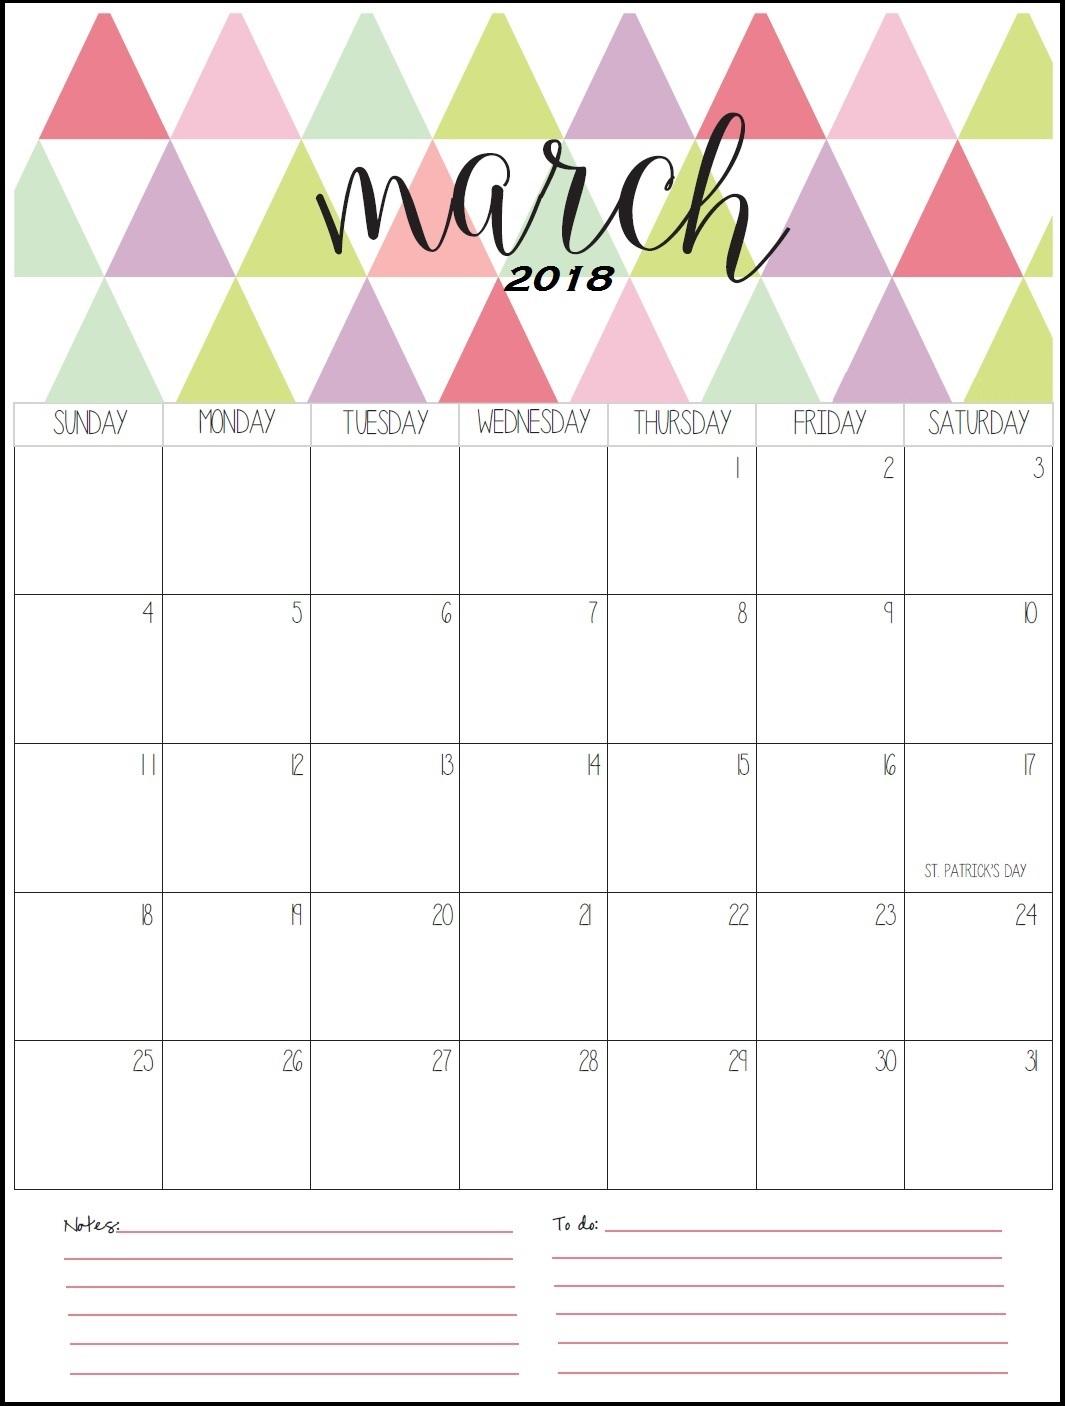 march calendar template 2018